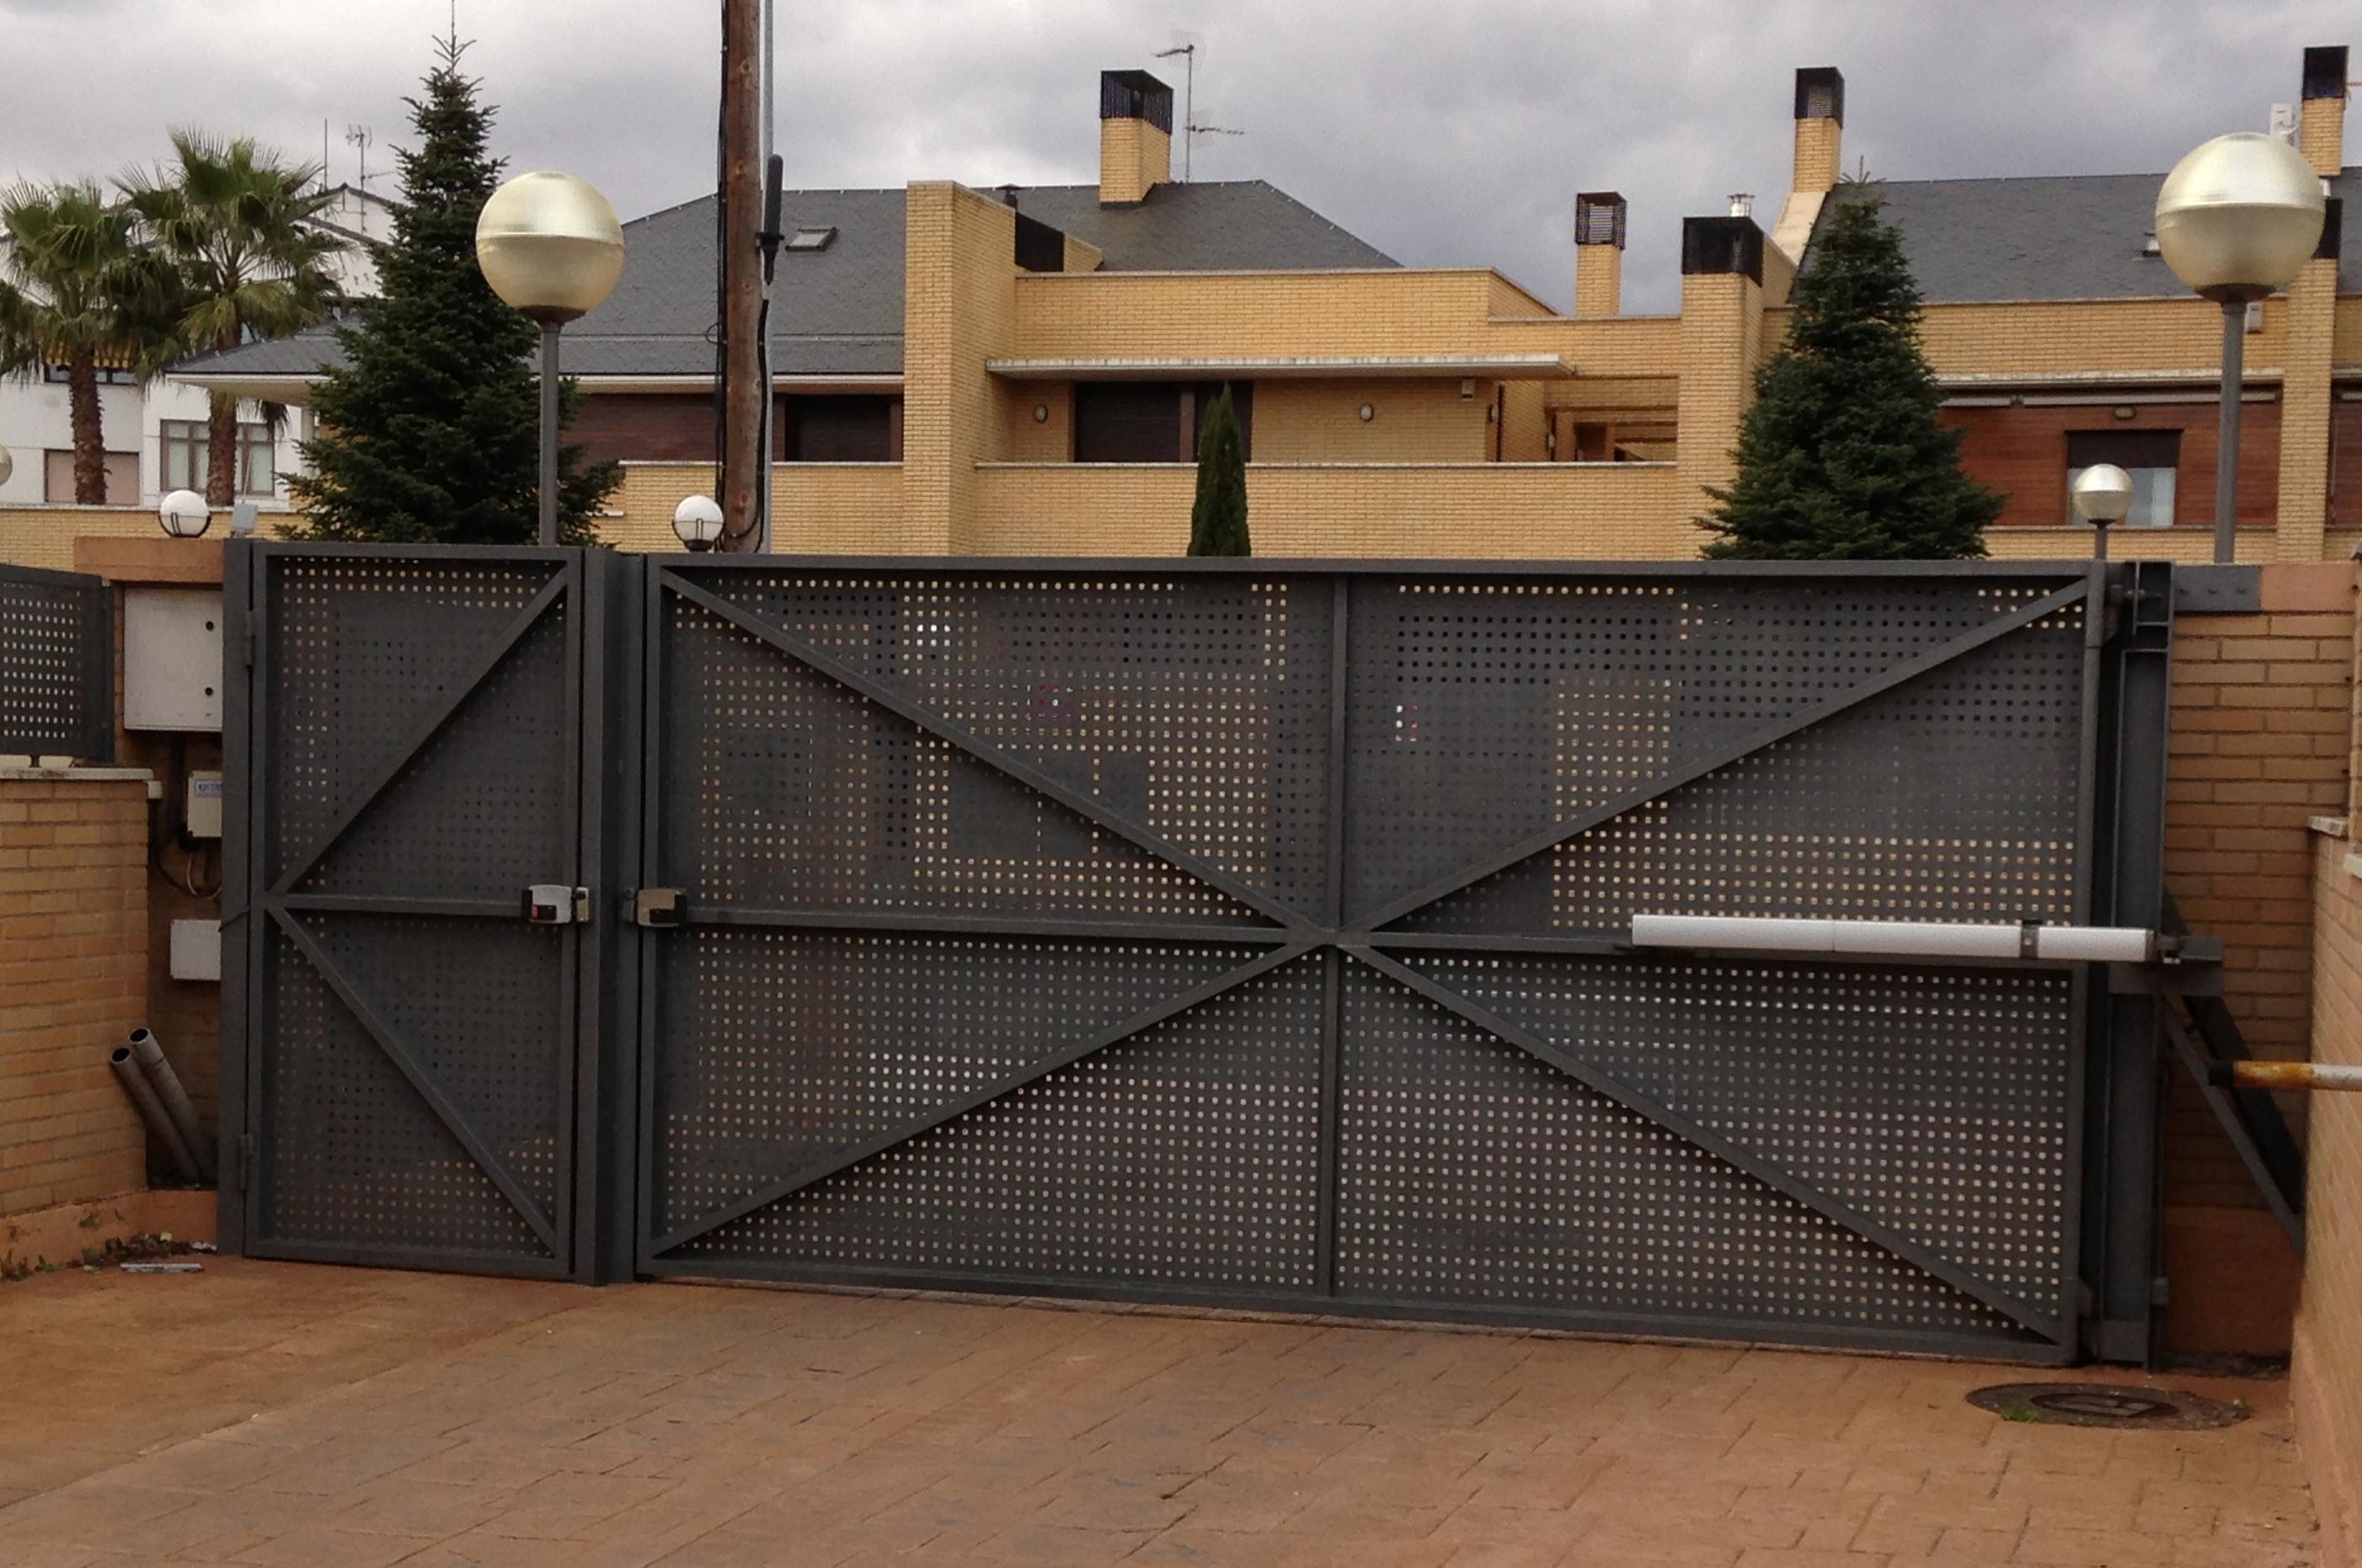 Puerta batiente y peatonal adyacente